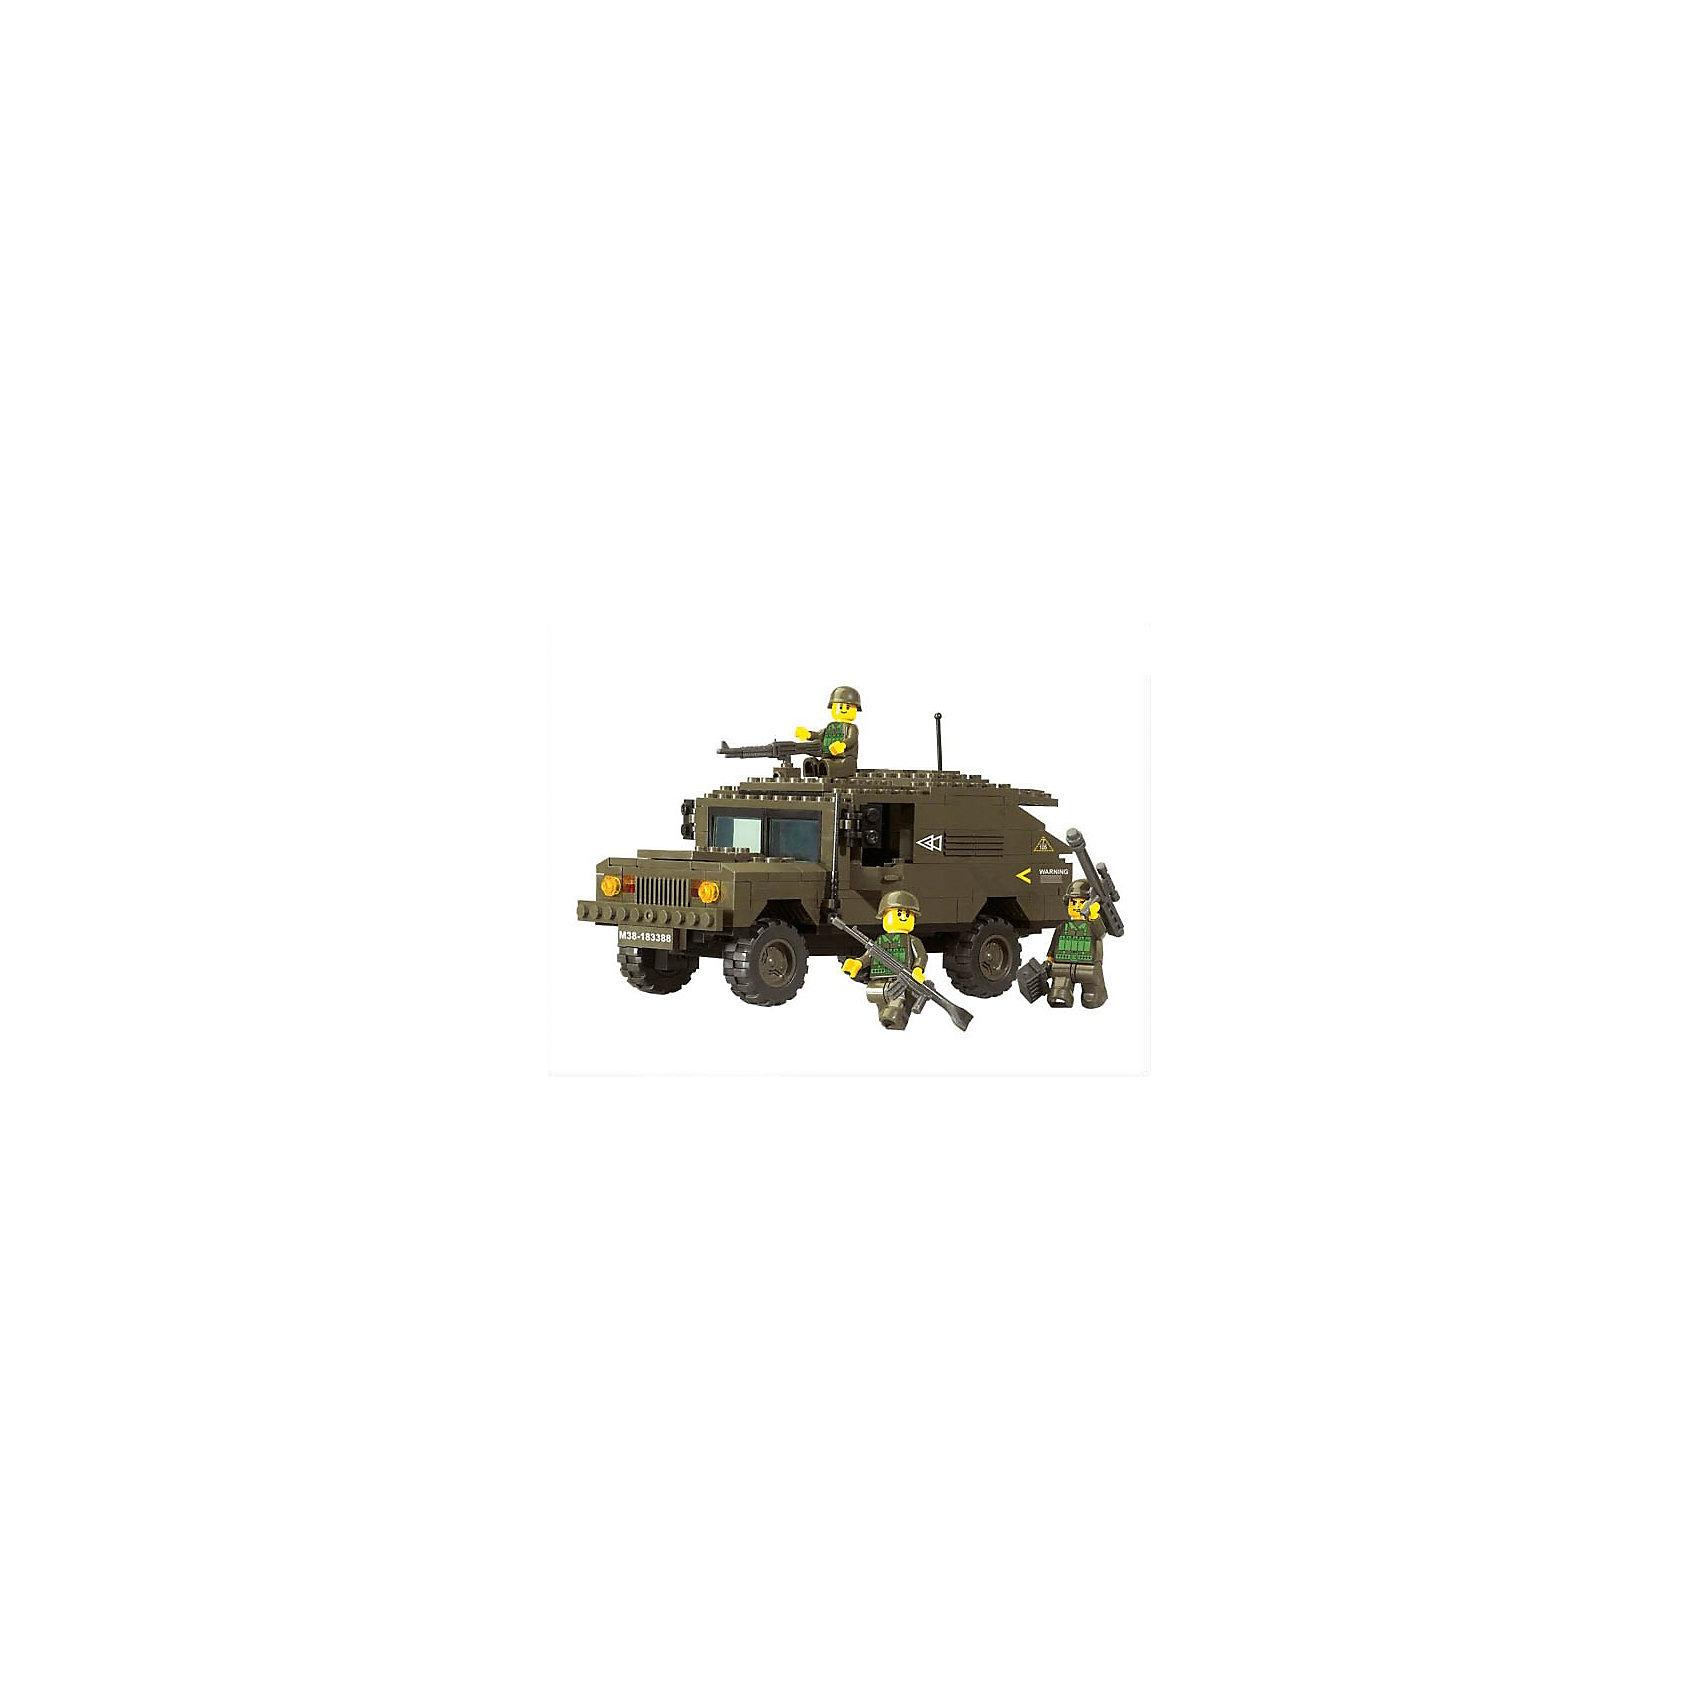 Конструктор Сухопутные войска: Броневик с пулемётом, 191 деталь, SlubanПластмассовые конструкторы<br>Конструктор Сухопутные войска: Броневик с пулемётом, 191 деталь, Sluban  (Слубан)<br><br>Характеристики:<br><br>• возраст: от 6 лет<br>• бронированный Хаммер с военными<br>• мини-фигурки в комплекте<br>• количество деталей: 191<br>• материал: пластик<br>• размер упаковки: 5,5х22,5х31 см<br>• вес: 580 грамм<br><br>Для полноценной игры юному солдату может понадобиться военный броневик. Из конструктора Sluban ребенок сможет собрать броневик Hummer с пулемётом. В комплект входят три фигурки военных. Для них вы сможете придумать самые героические приключения. <br><br>Конструктор Сухопутные войска: Броневик с пулемётом, 191 деталь, Sluban (Слубан)  вы можете купить в нашем интернет-магазине.<br><br>Ширина мм: 310<br>Глубина мм: 225<br>Высота мм: 55<br>Вес г: 580<br>Возраст от месяцев: 72<br>Возраст до месяцев: 2147483647<br>Пол: Мужской<br>Возраст: Детский<br>SKU: 5453700